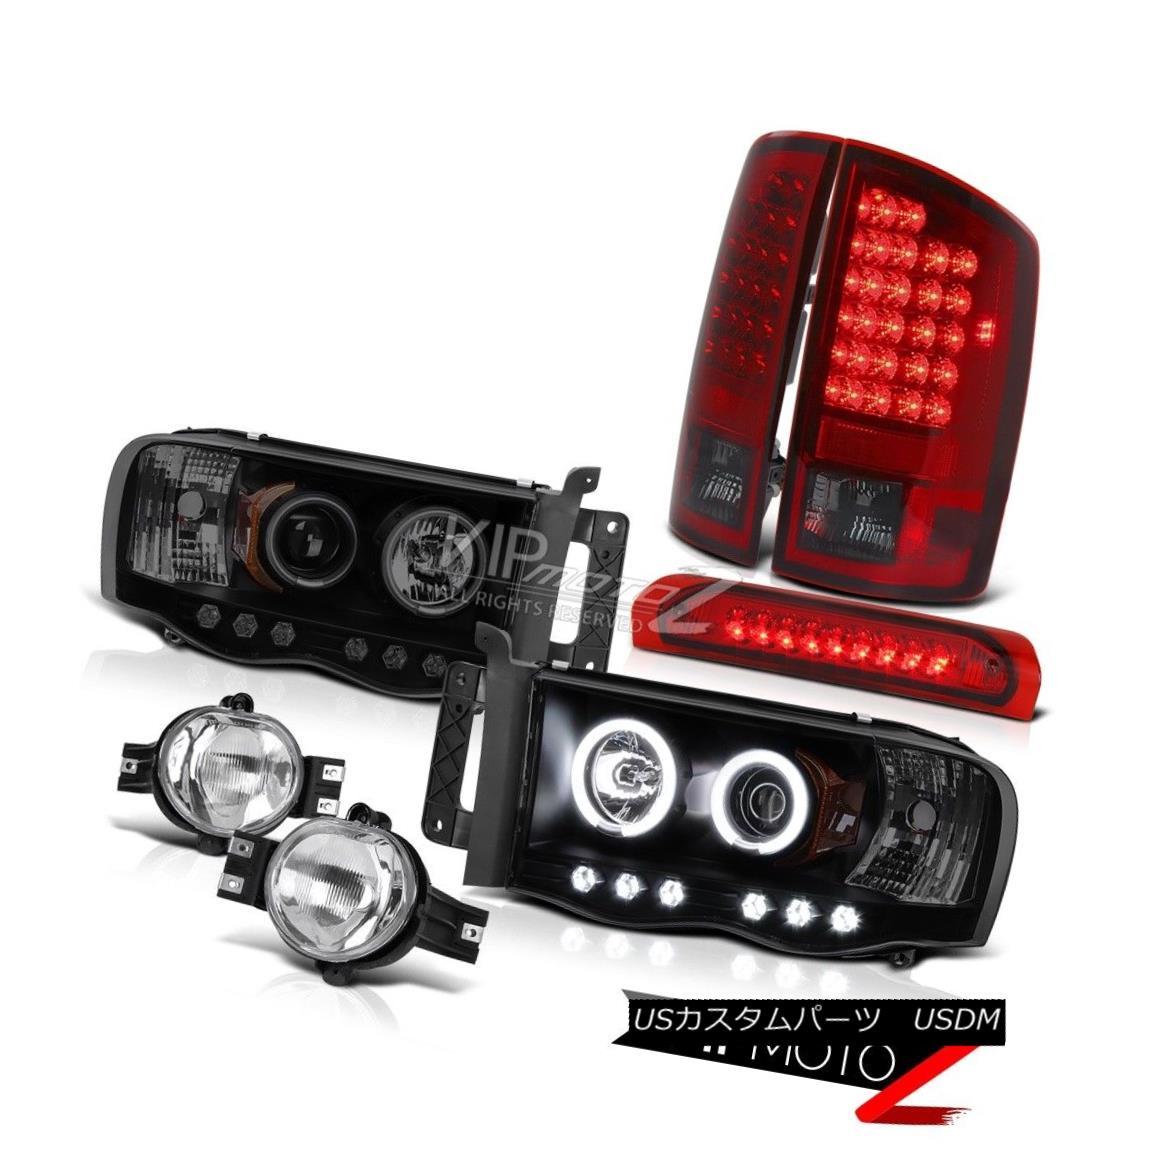 ヘッドライト 02-05 Ram 3500 CCFL Headamp Brightest LED Tail Lamp Bumper Fog High Brake Cargo 02-05 Ram 3500 CCFLヘッドランプ最も明るいLEDテールランプバンパーフォグハイブレーキ貨物